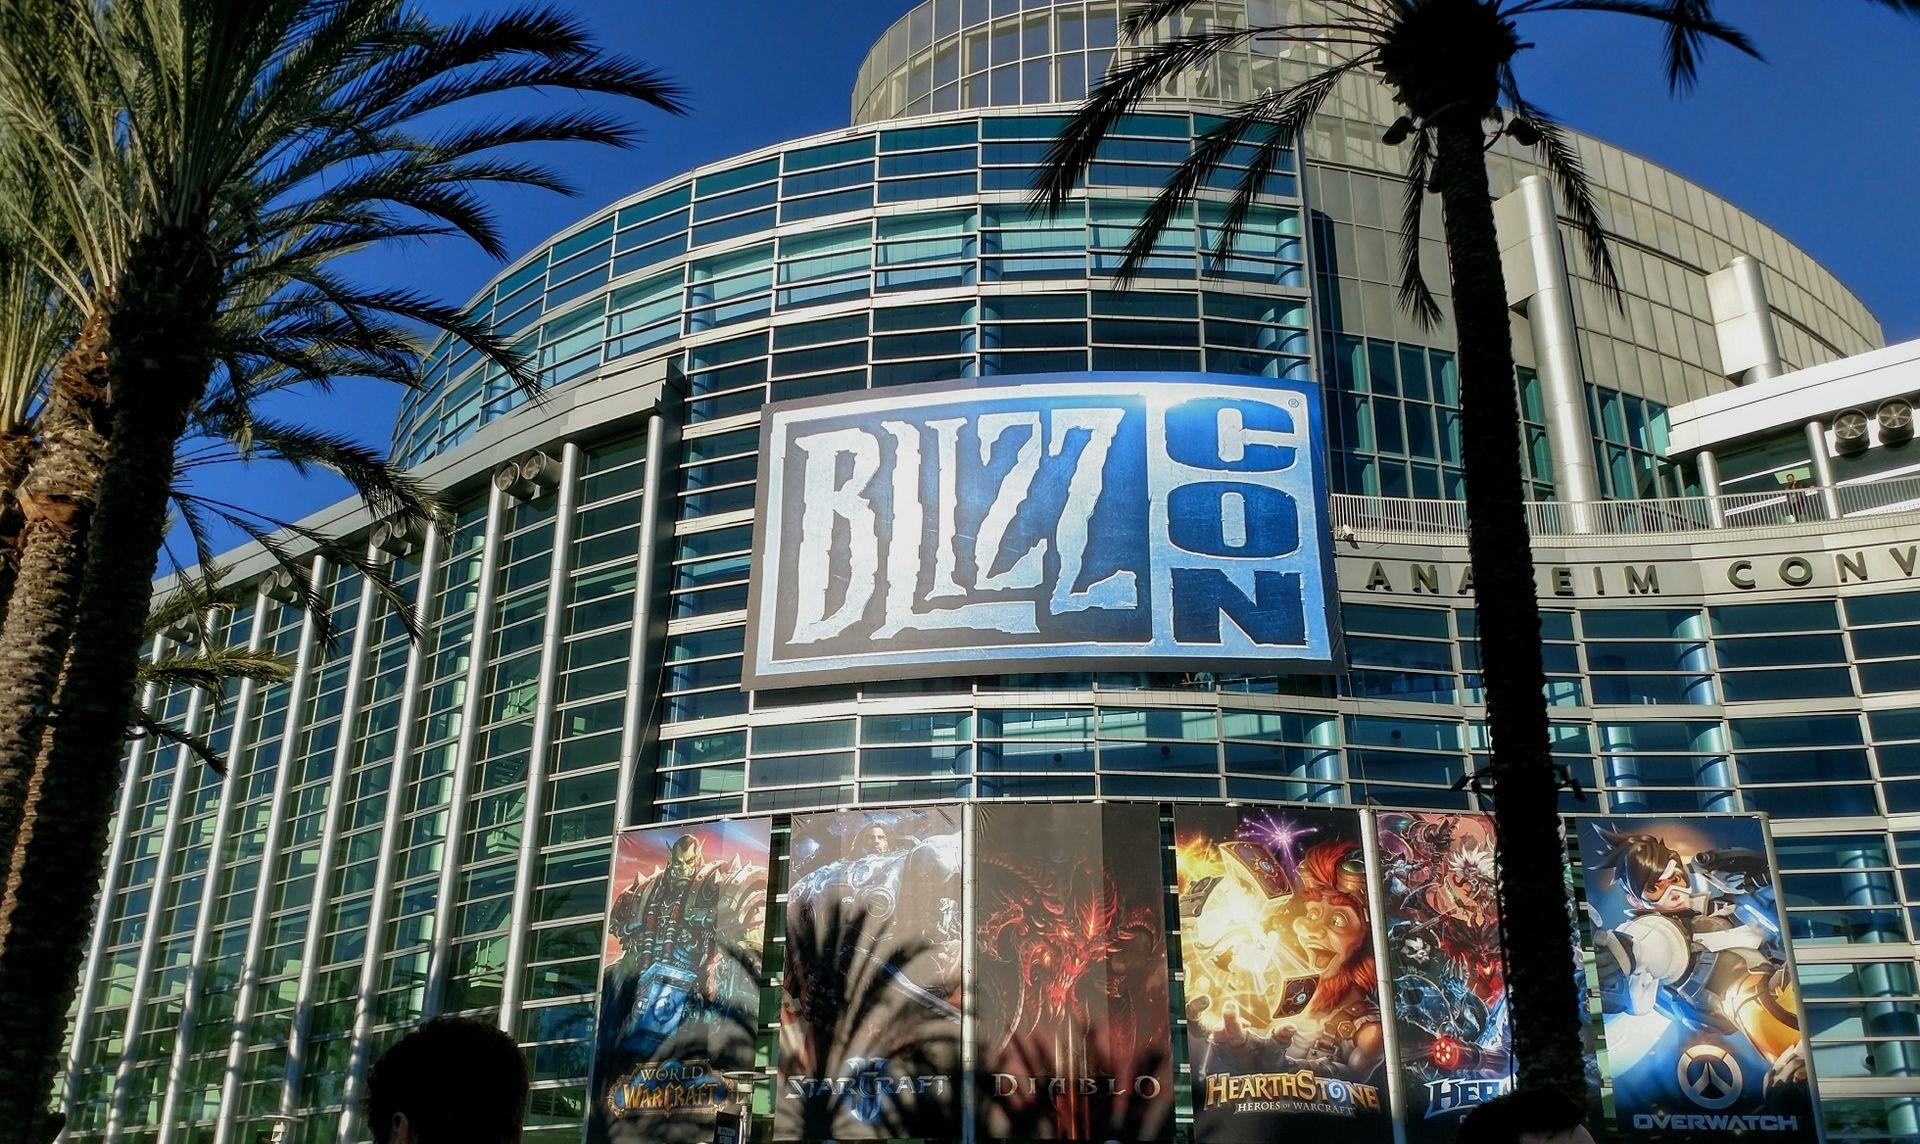 Vinn Virtual Ticket till Blizzcon 2018